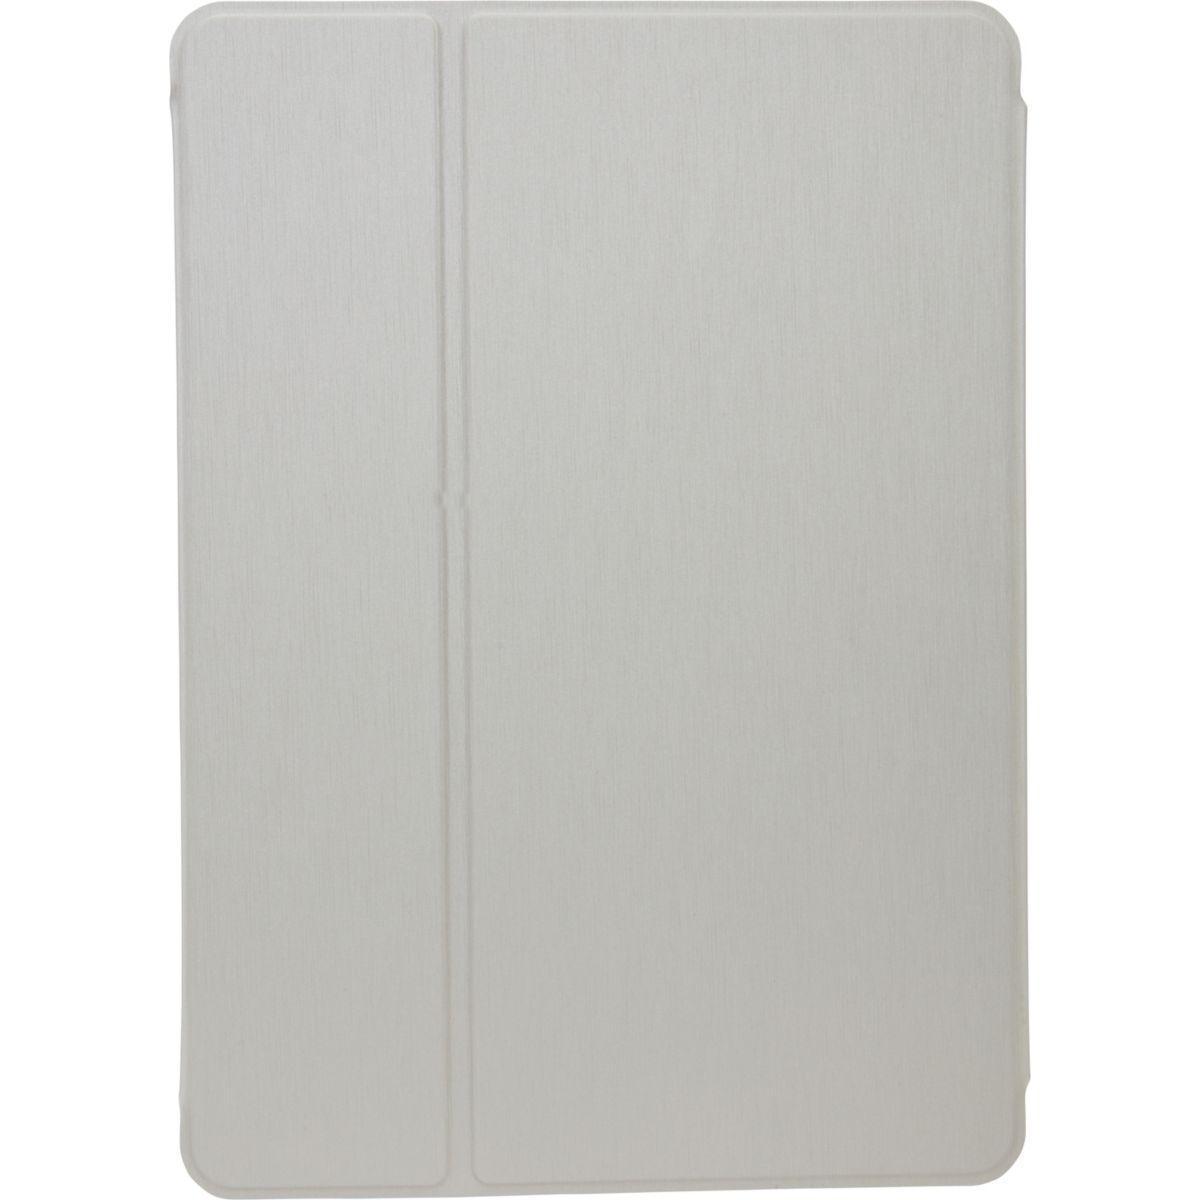 Folio caselogic ipad pro 9.7'' alkaline - livraison offerte avec le code nouveaute (photo)